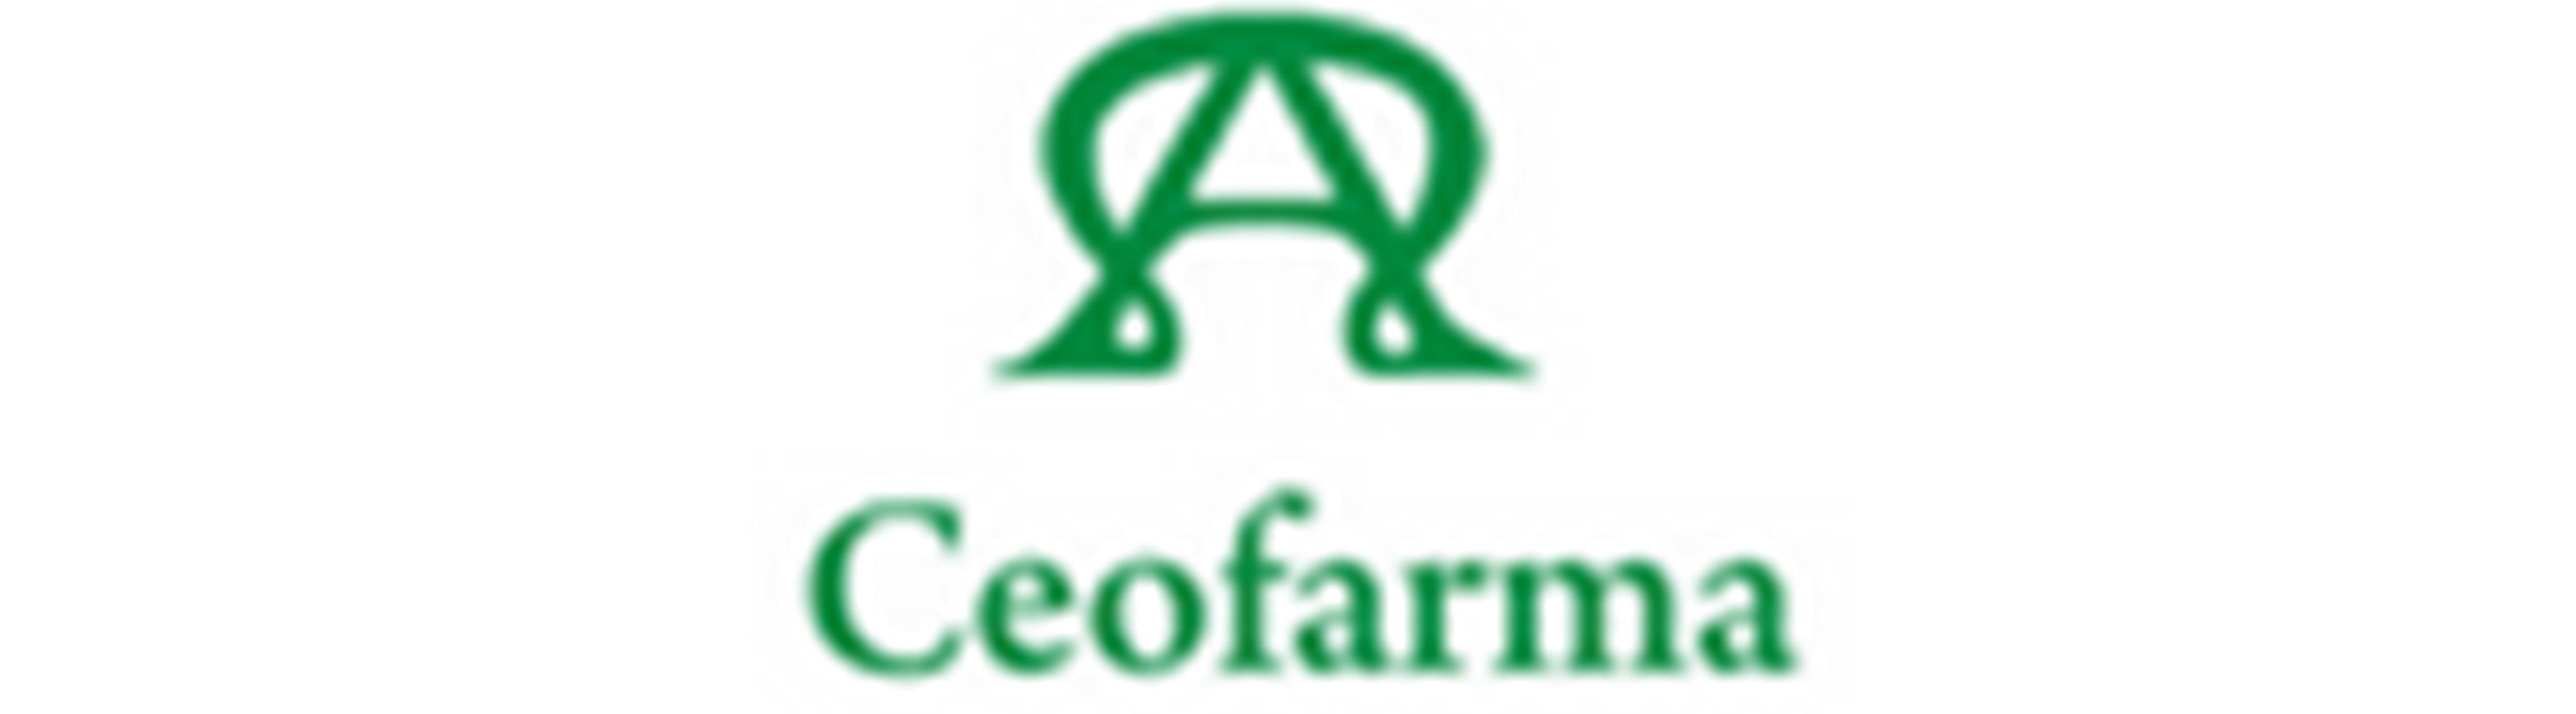 Ceofarma